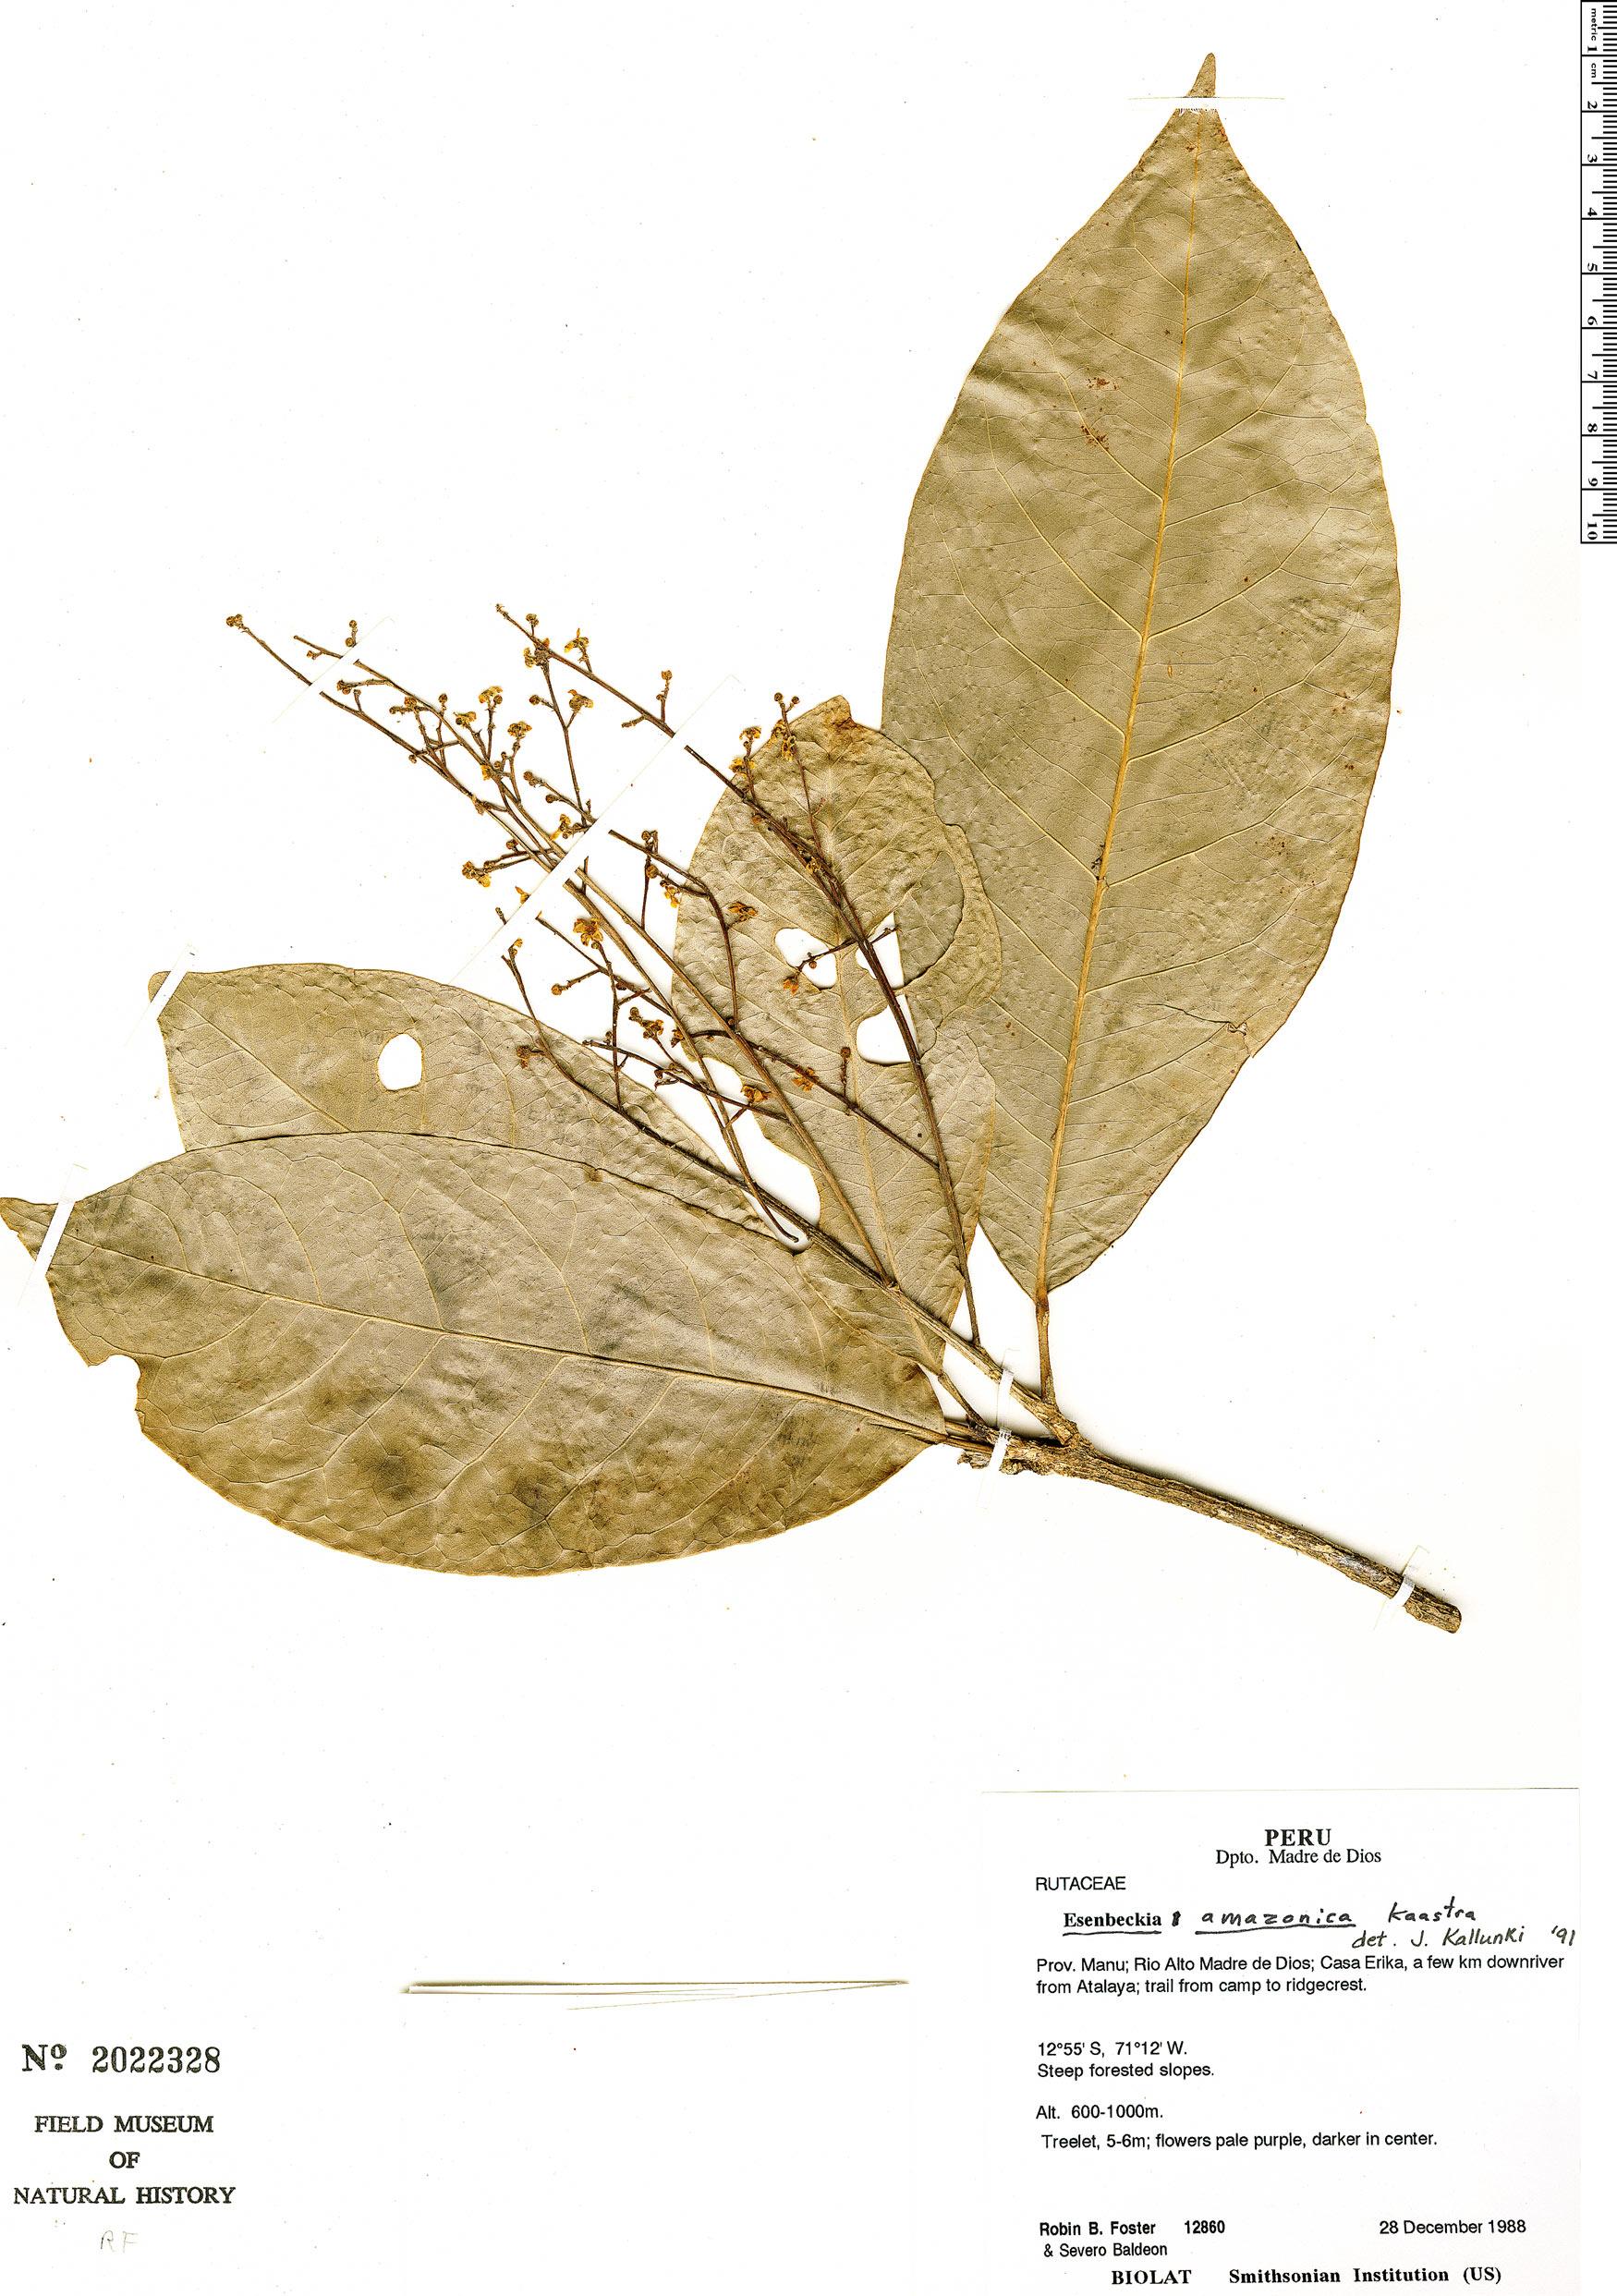 Specimen: Esenbeckia amazonica